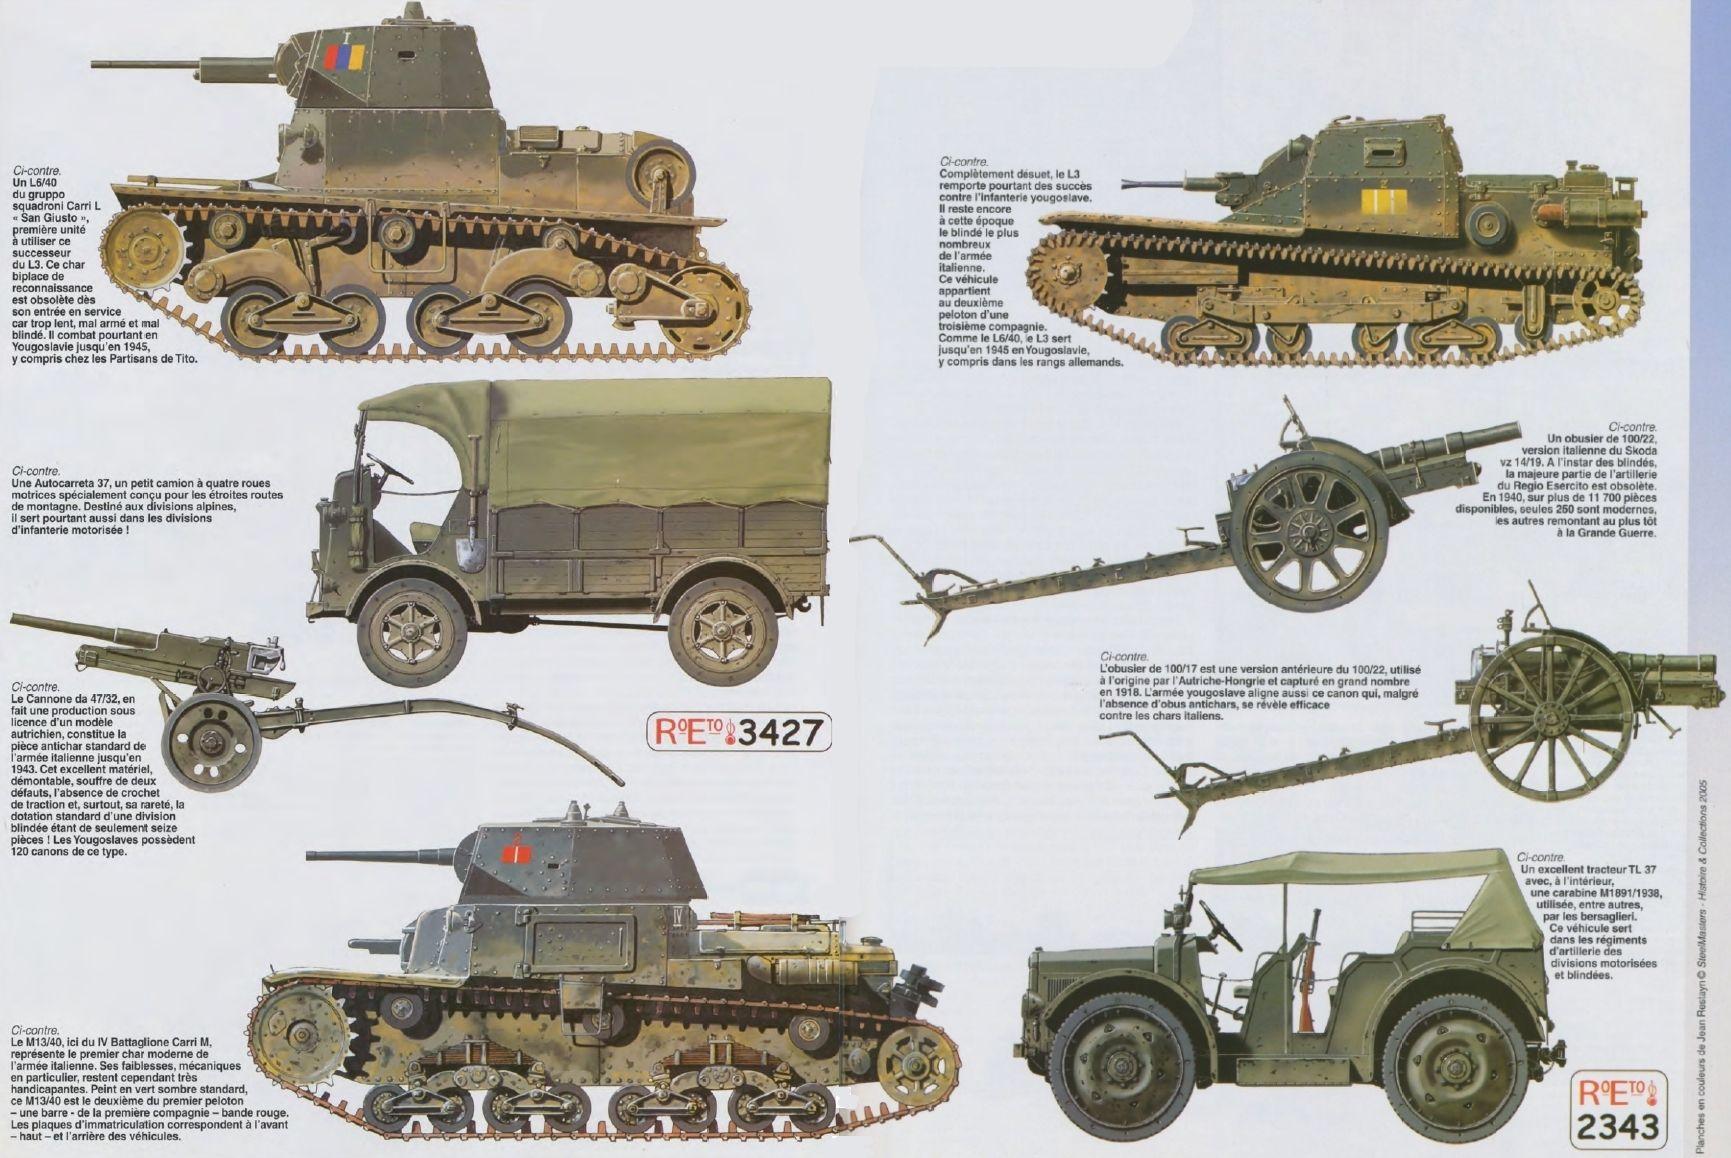 Vehículos de combate Italianos y cañones remolcados África del Norte.